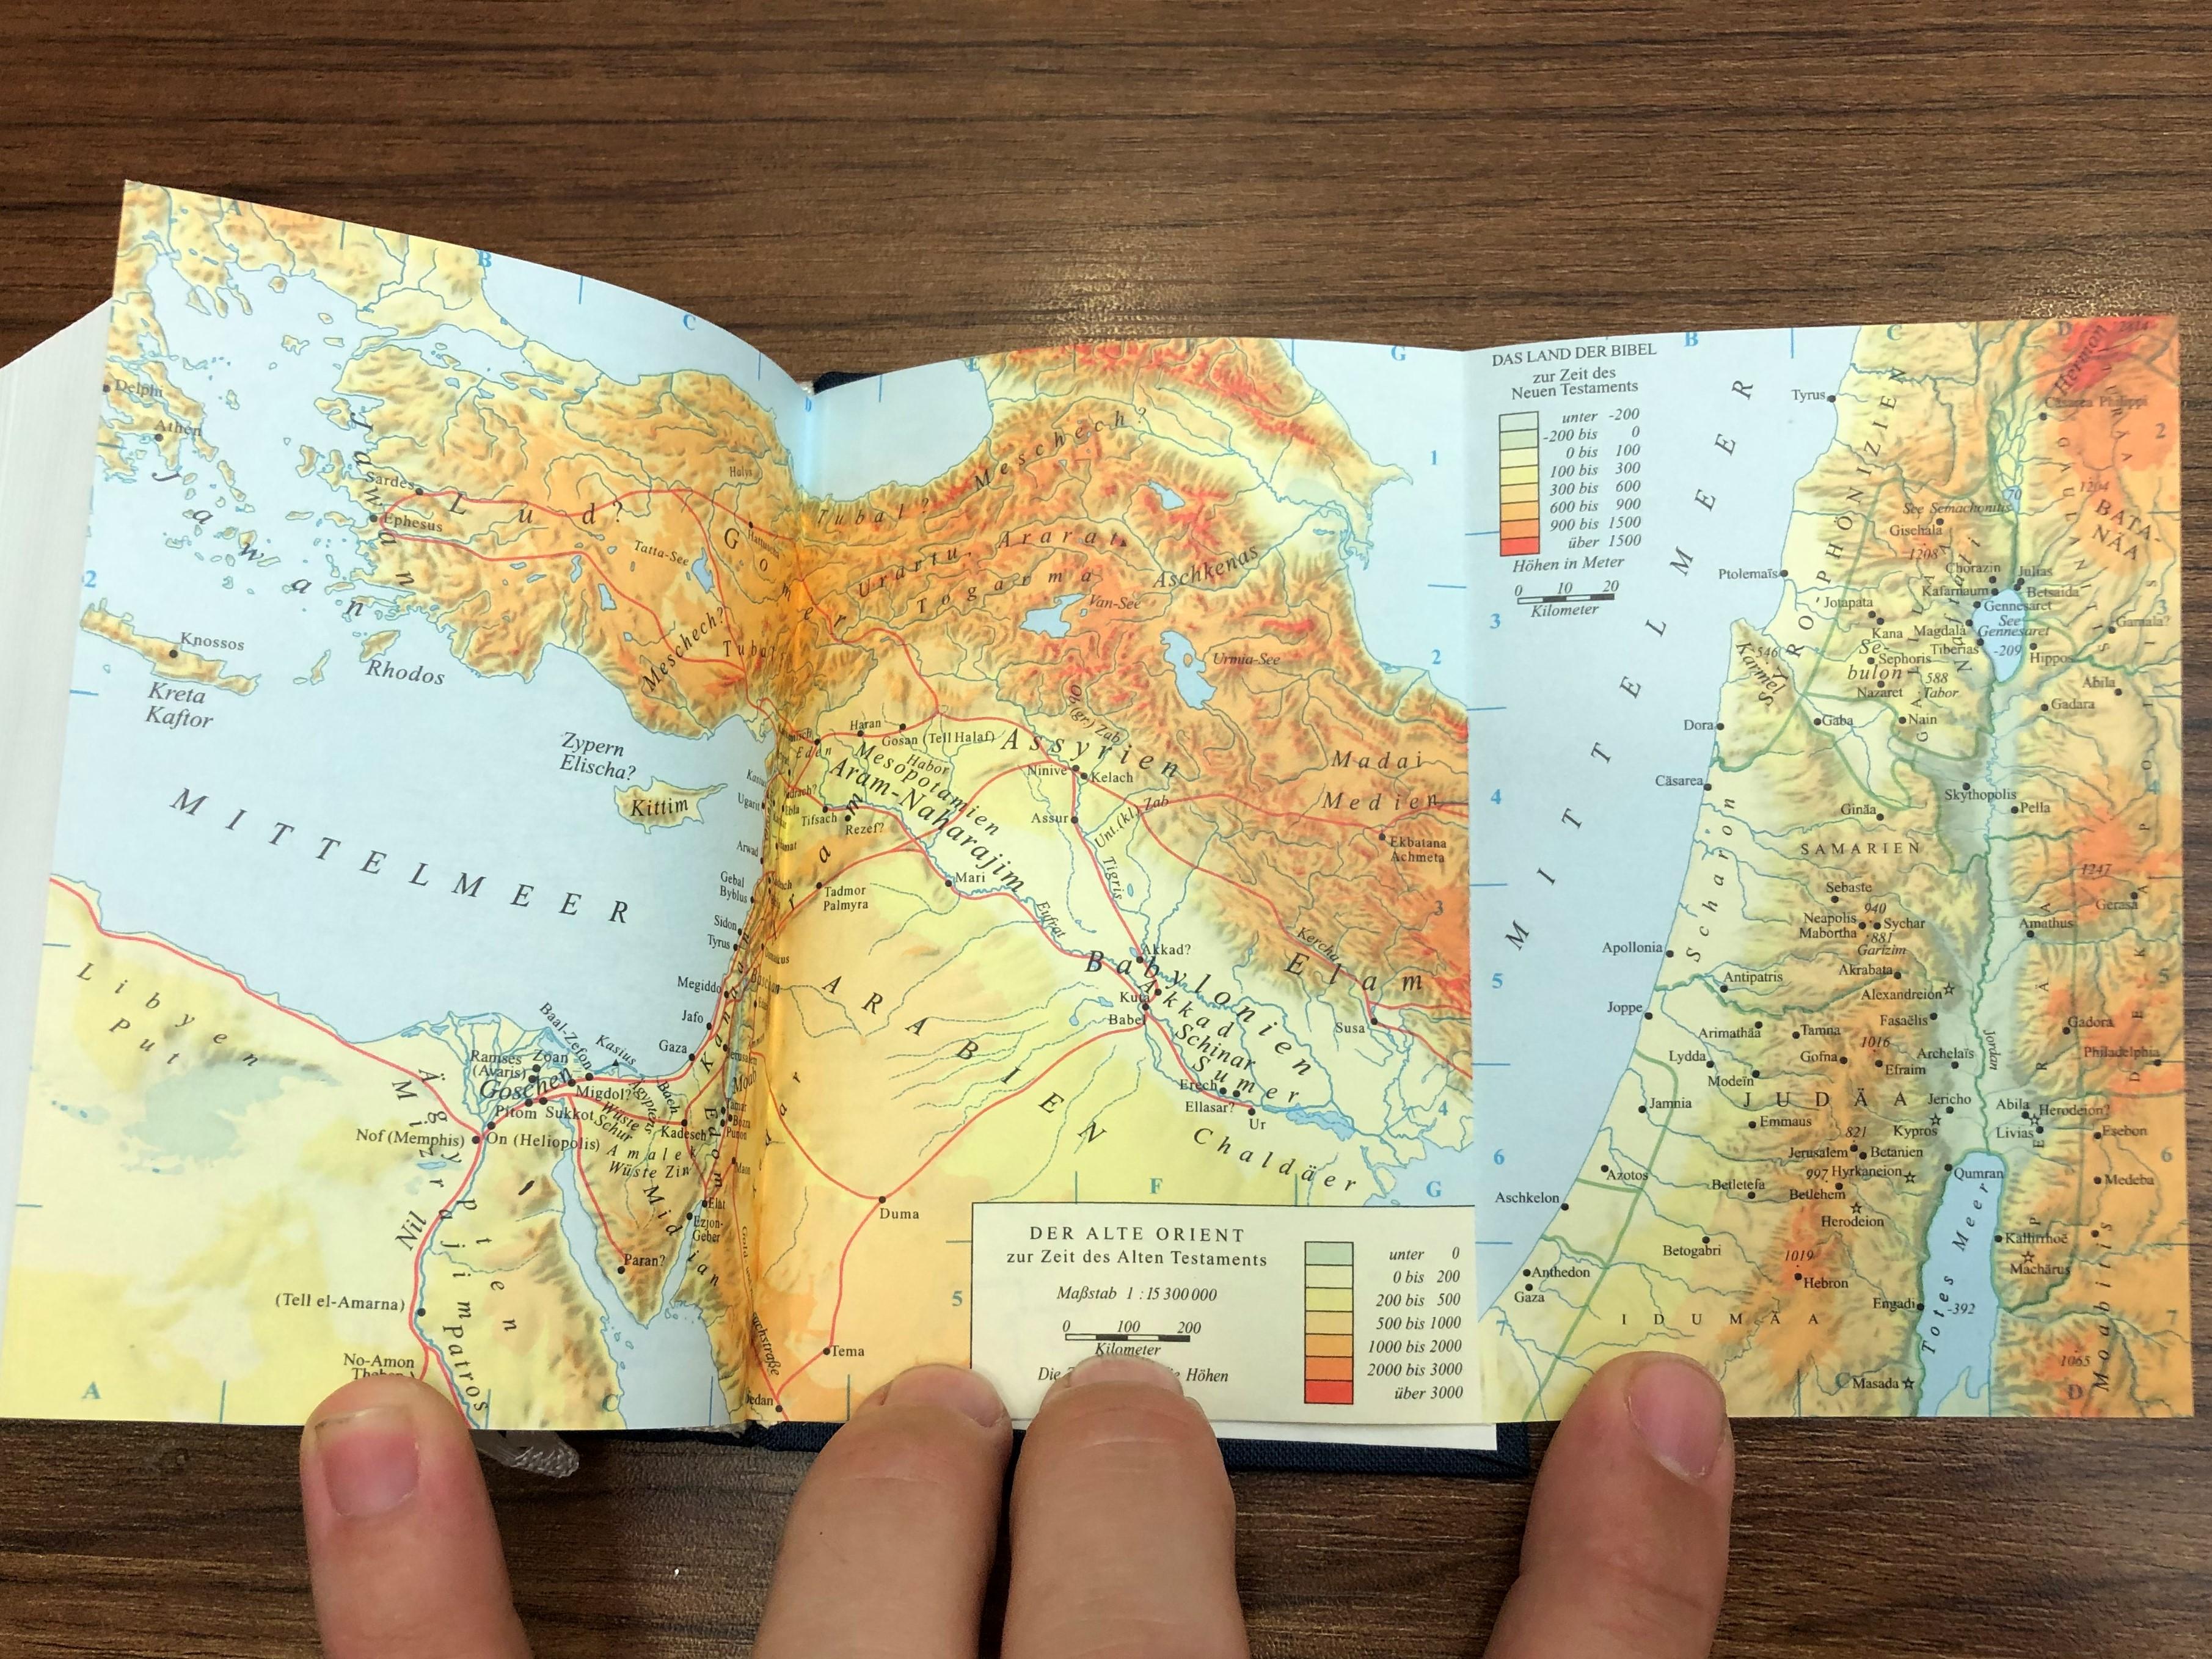 -gute-nachricht-bibel-altes-und-neues-testament-german-language-good-news-bible-with-deuterocanonical-books-mit-apokryphen-deutsche-bibelgesellschaft-2005-compact-size-with-color-maps-9-.jpg